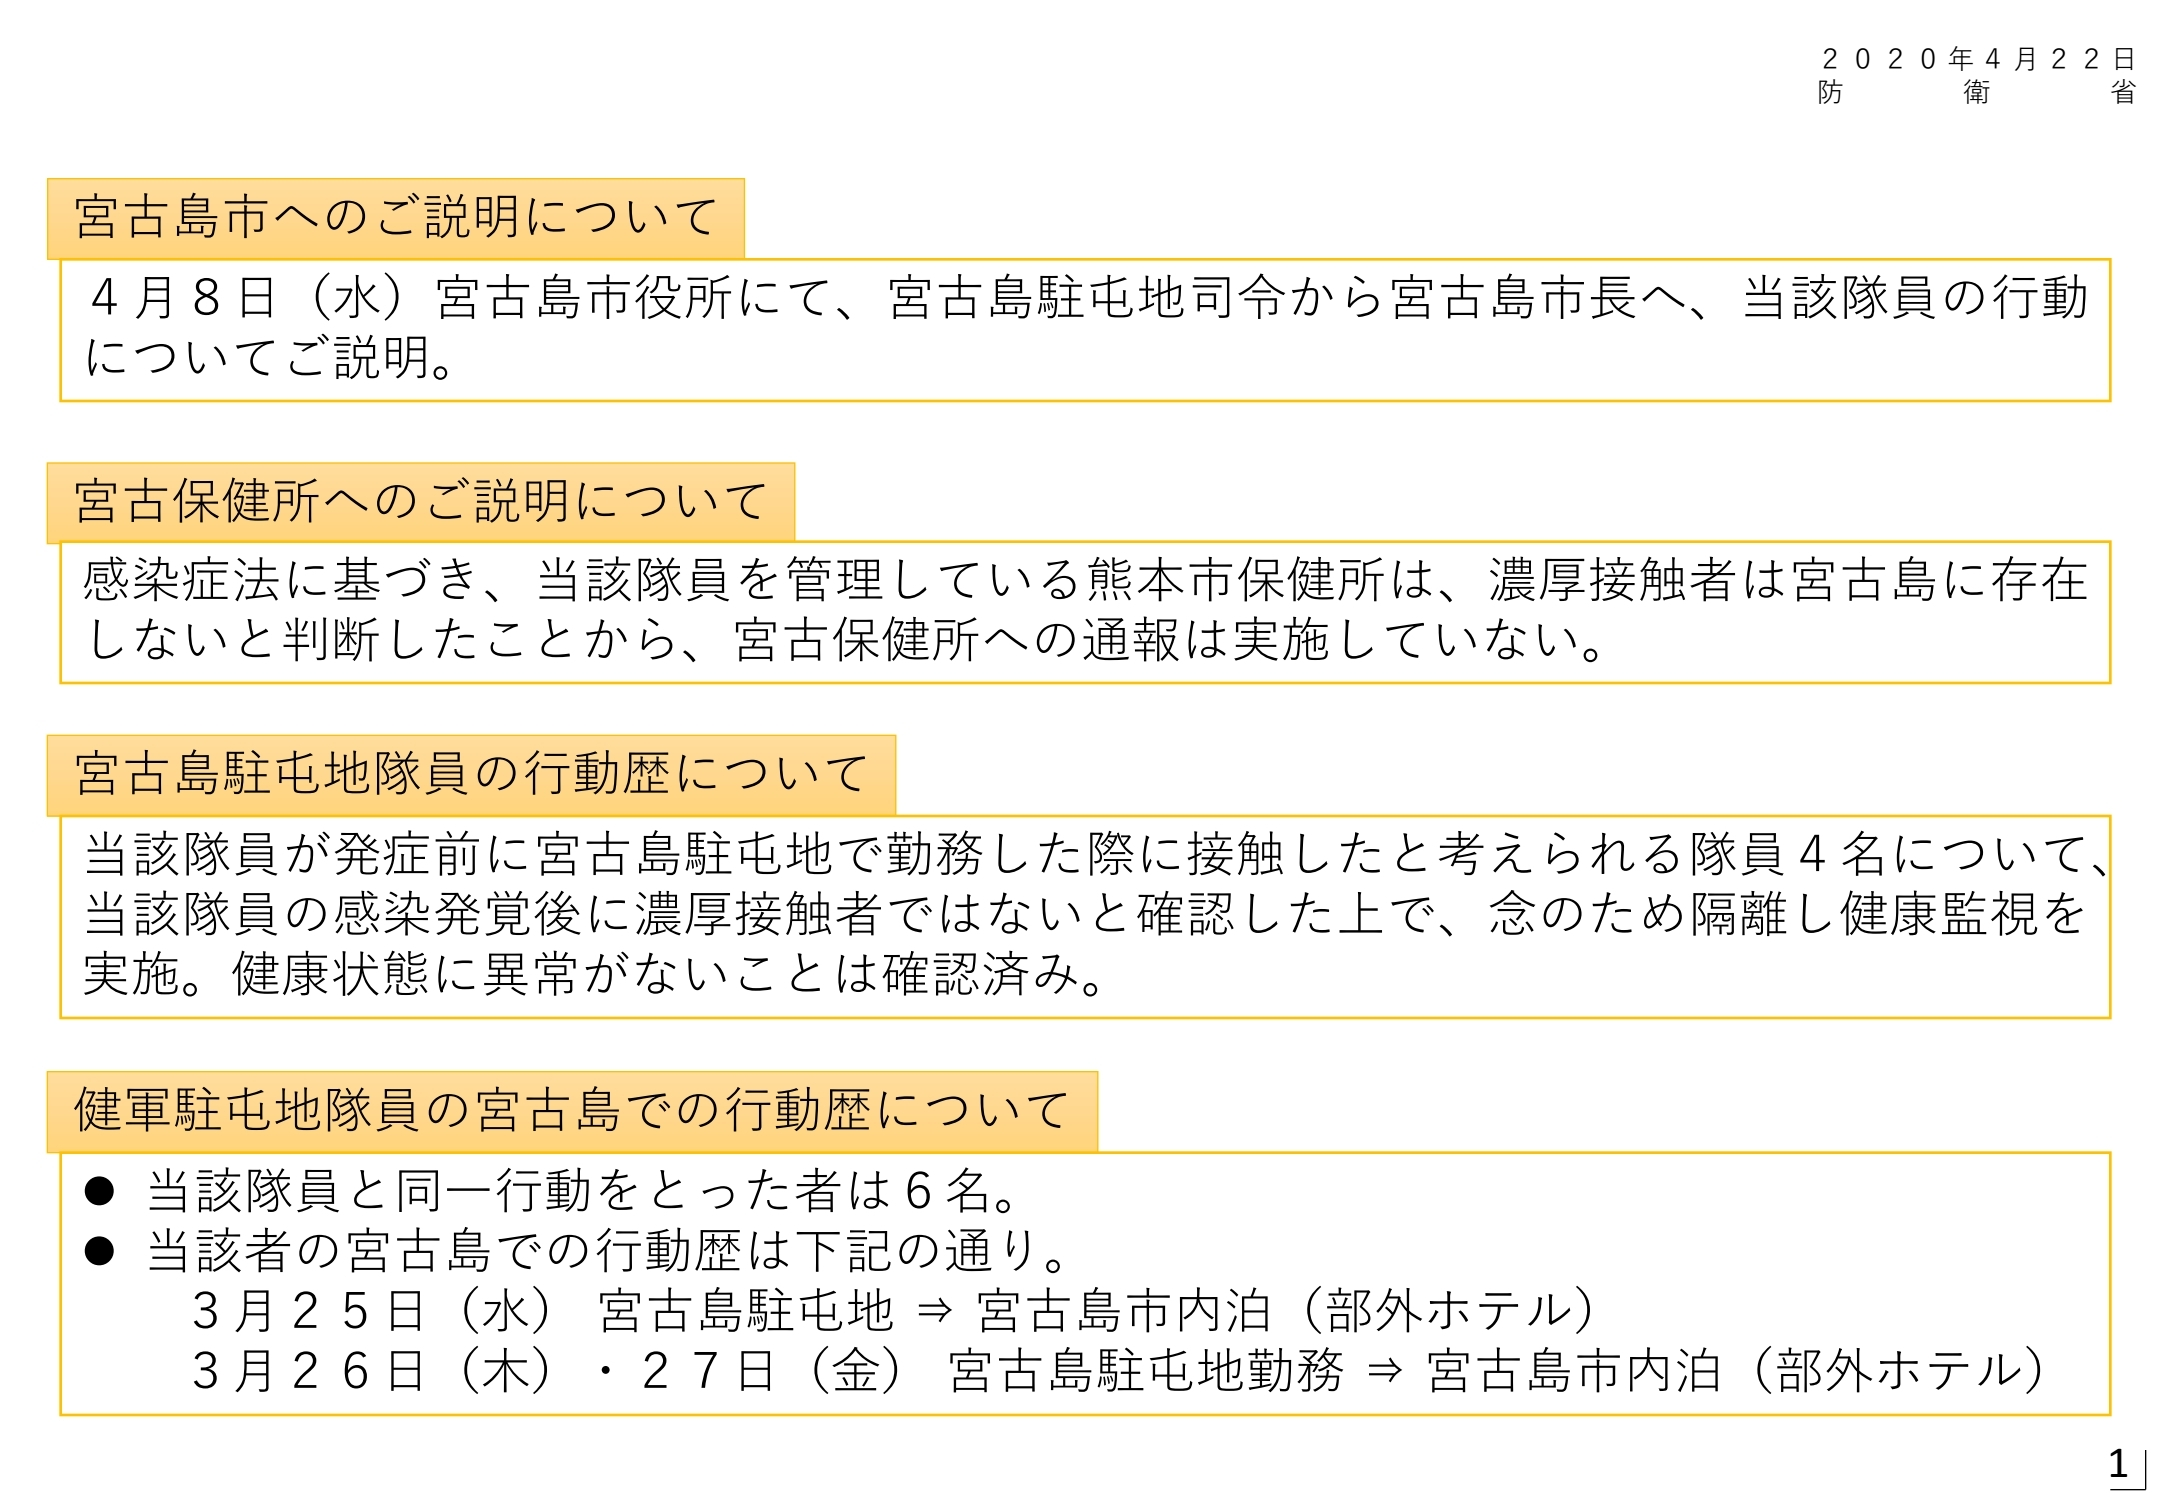 【防衛省】宮古島コロナ資料提出